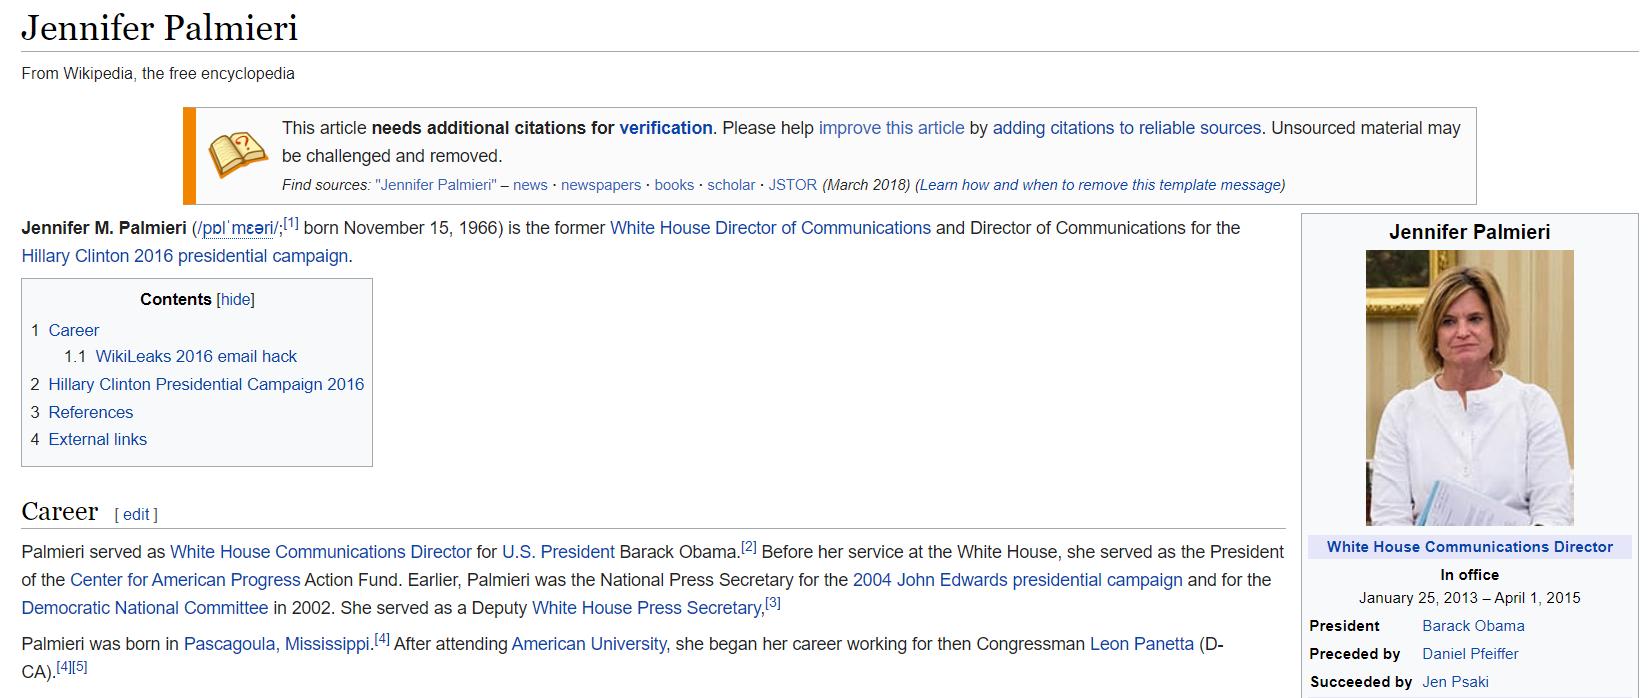 https://en.wikipedia.org/wiki/Jennifer_Palmieri